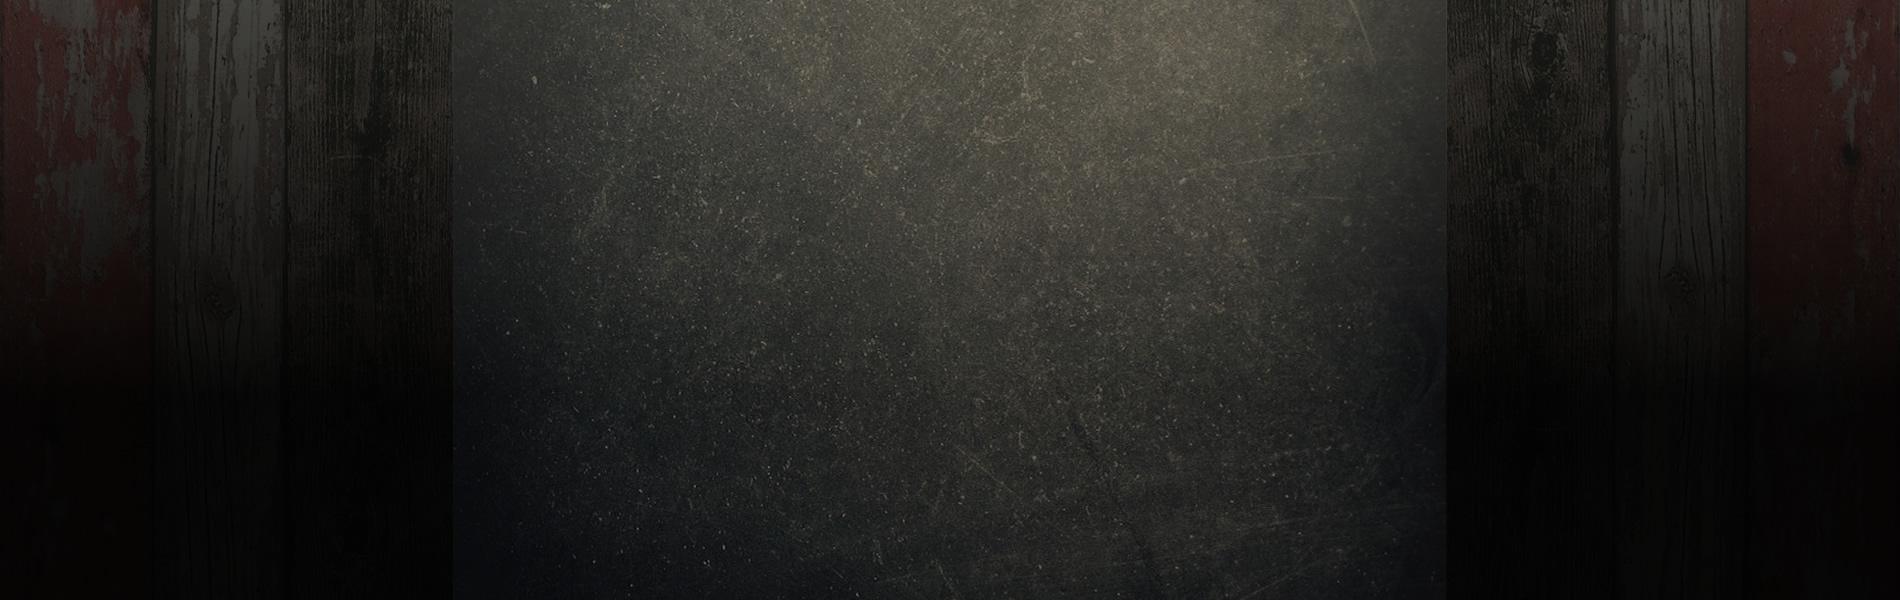 bg_slide_chalkboard